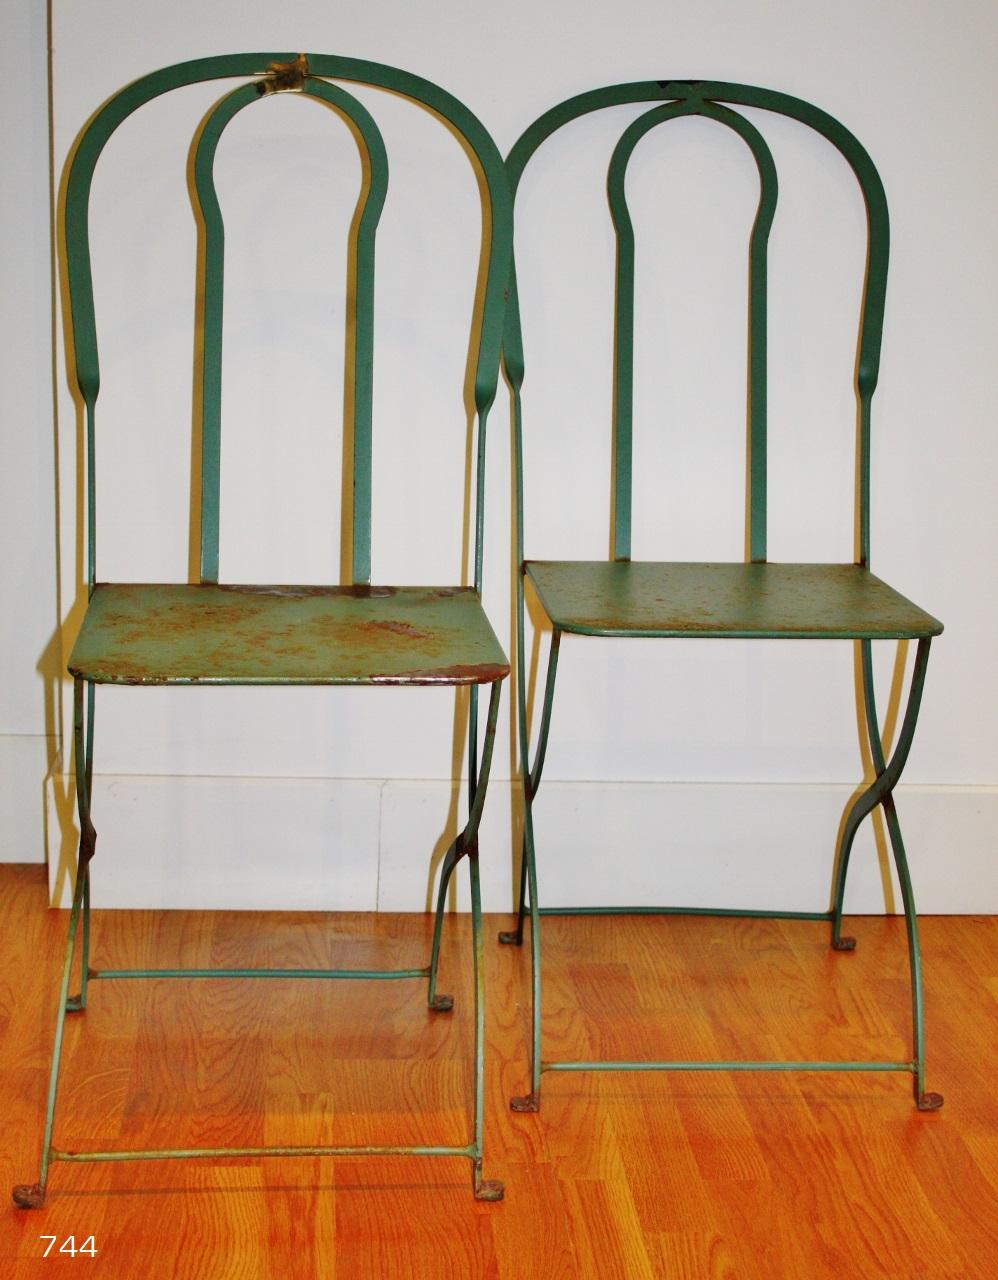 Sietecuatrocuatro sillas de hierro de jard n before for Sillas hierro jardin